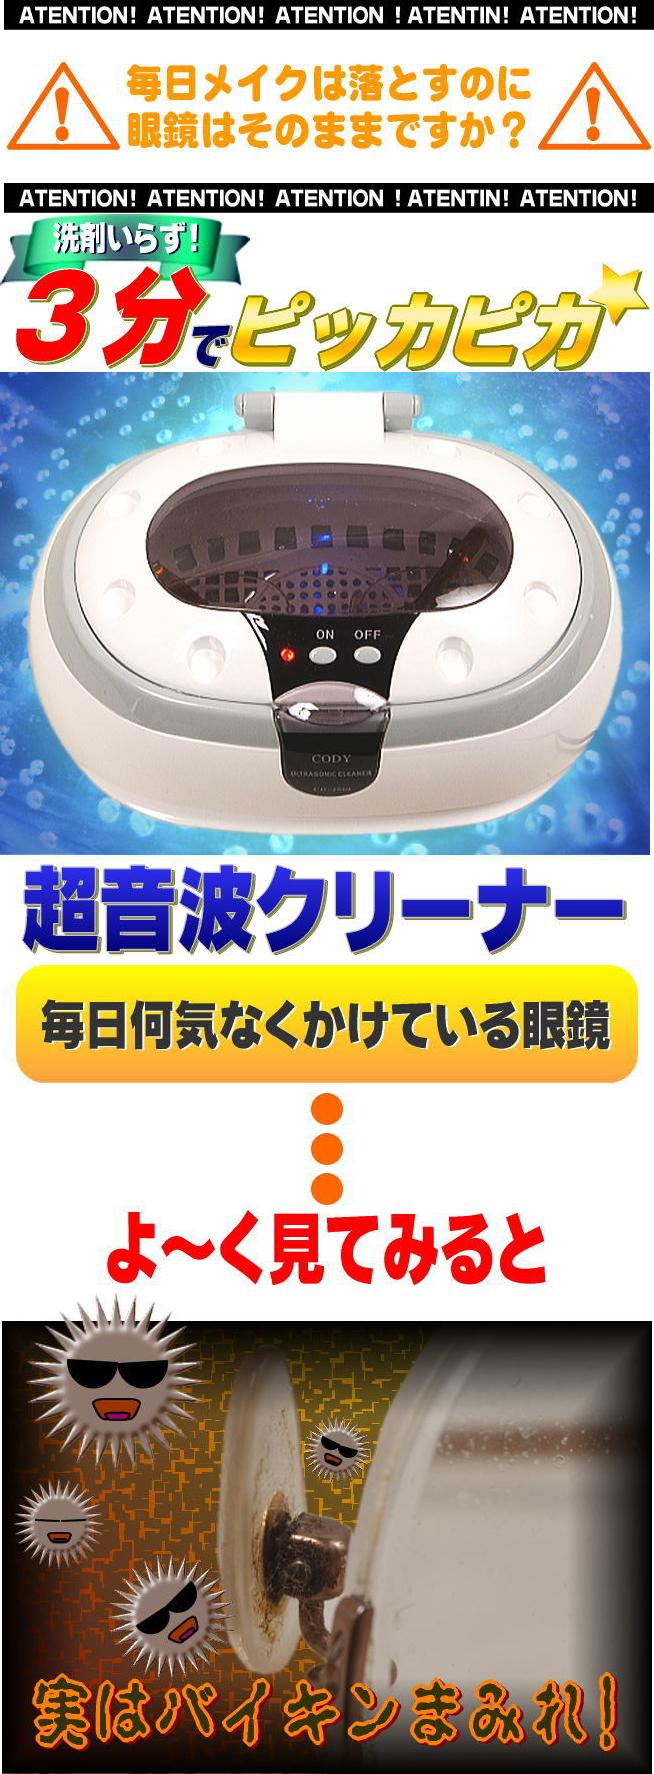 http://www.plata.co.jp/user/tori/cleaner.jpg